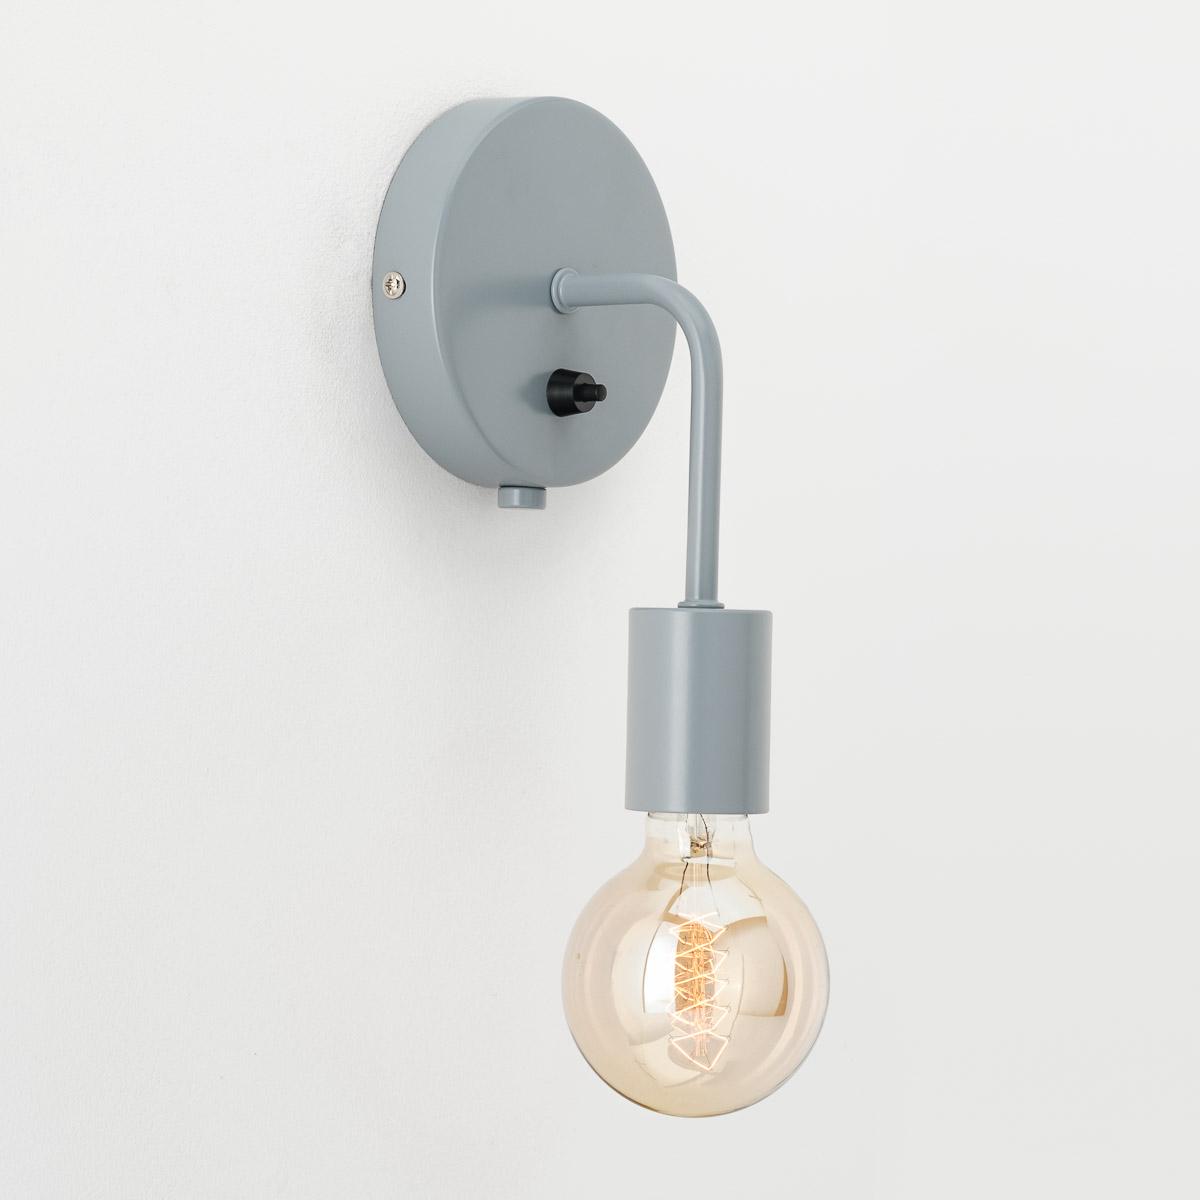 Настенный светильник Loui серый